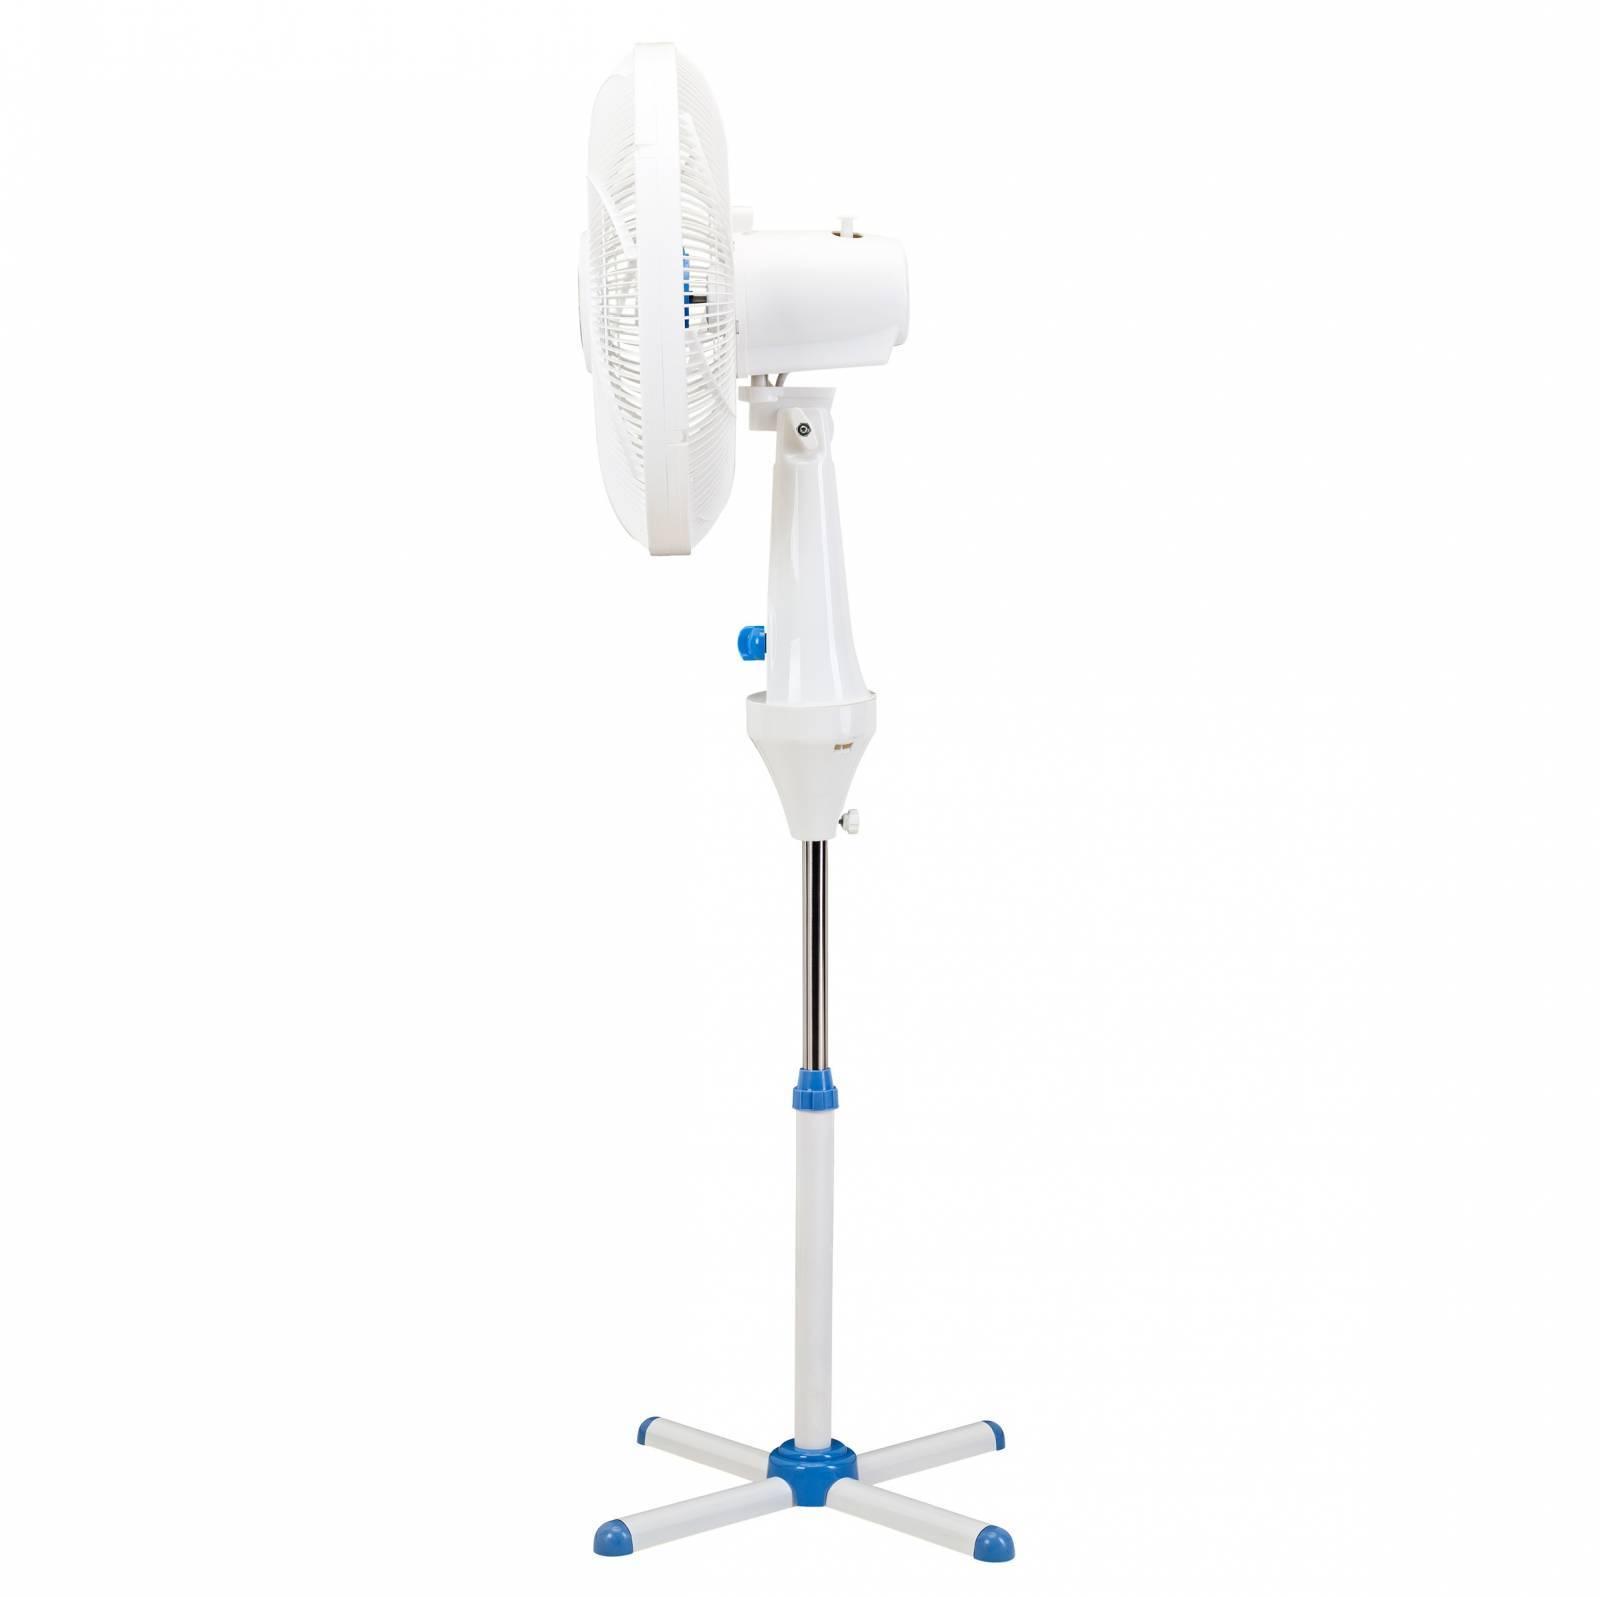 Ventilador de Coluna 40cm Oscilante Notos - LCGELETRO